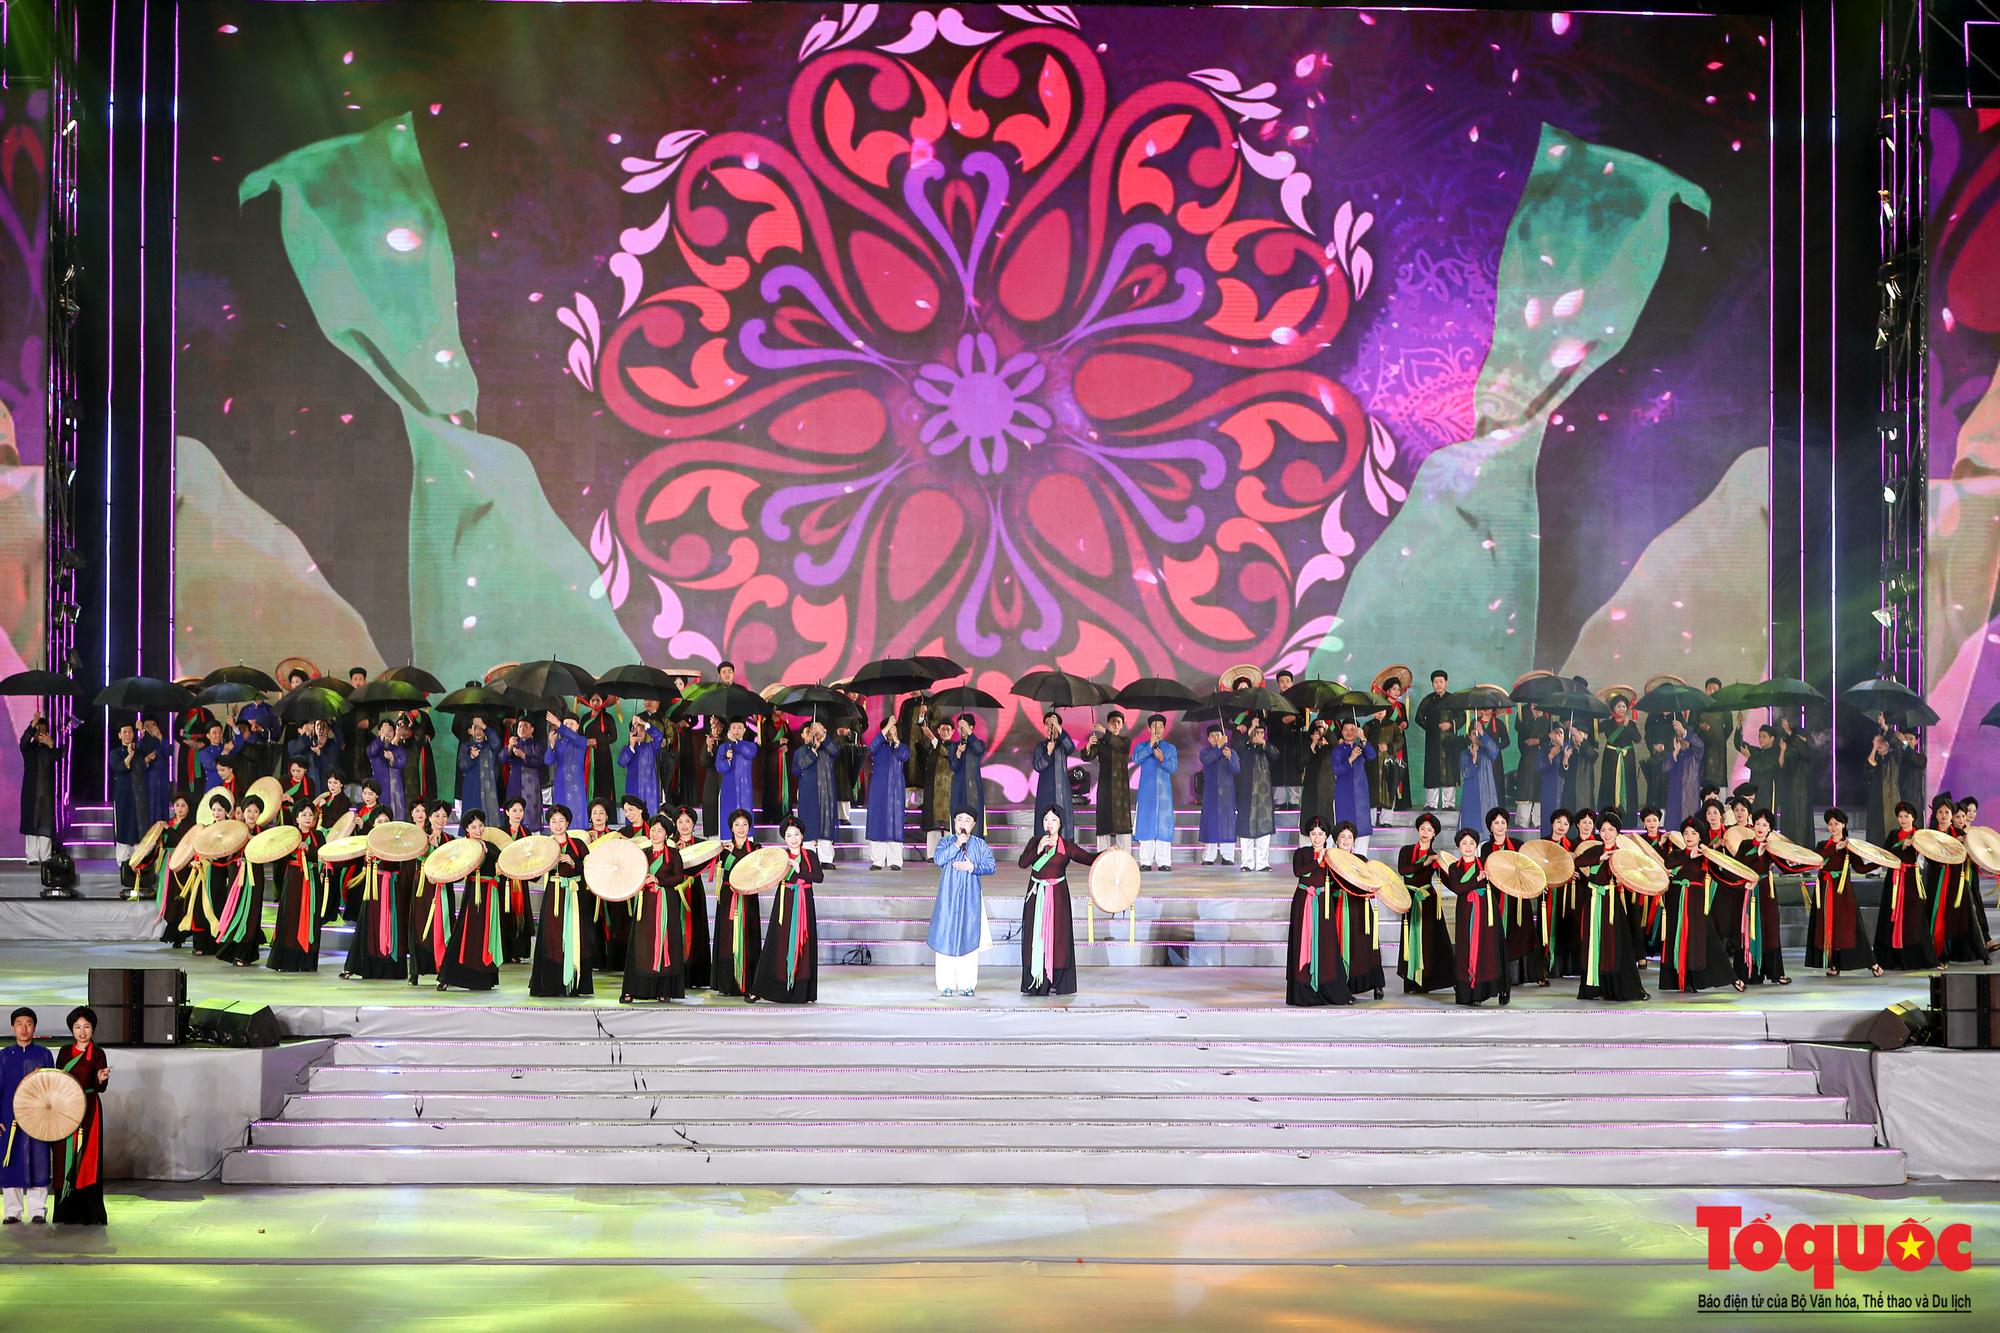 [Ảnh] Hoành tráng chương trình nghệ thuật 'Khát vọng - Tỏa sáng' chào mừng thành công Đại hội XIII của Đảng - Ảnh 9.